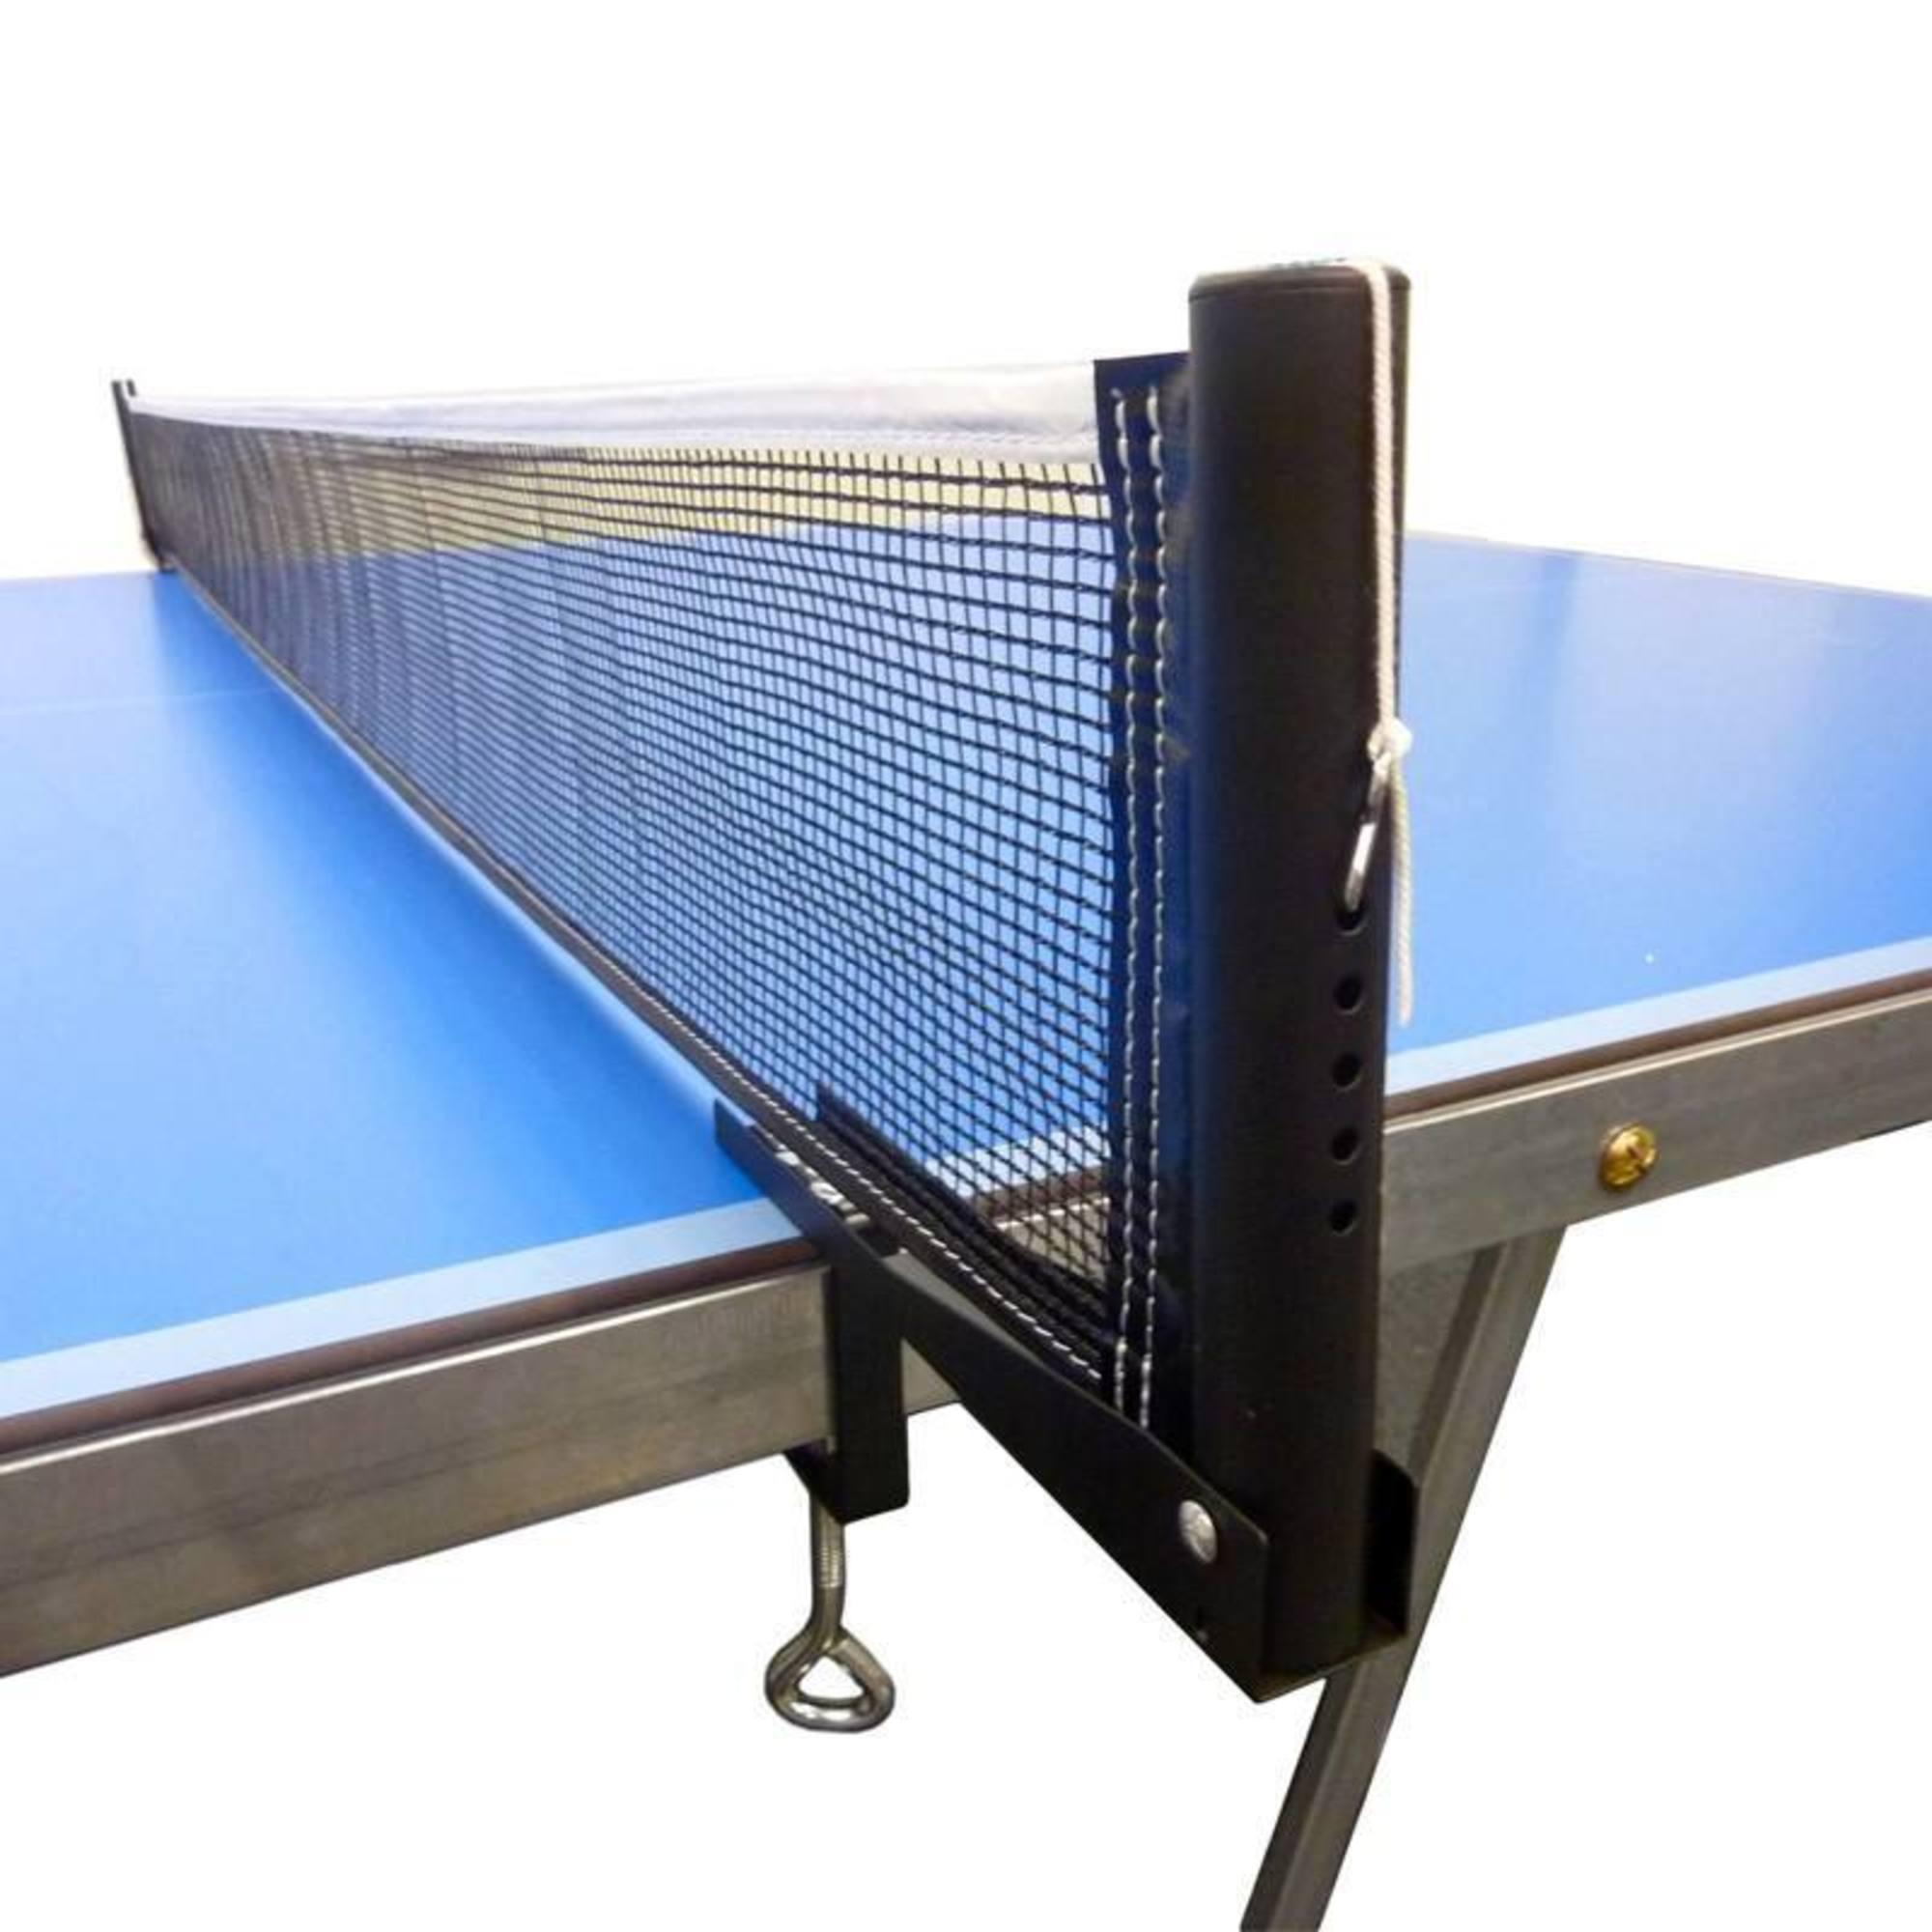 Reglas-del-tenis-de-mesa-4